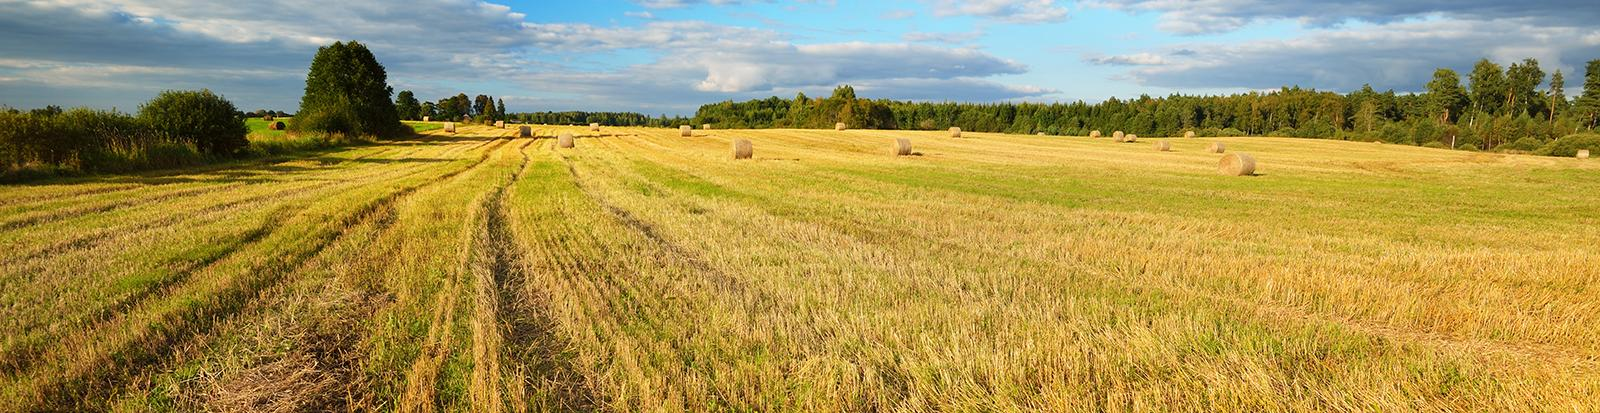 Hay in field.